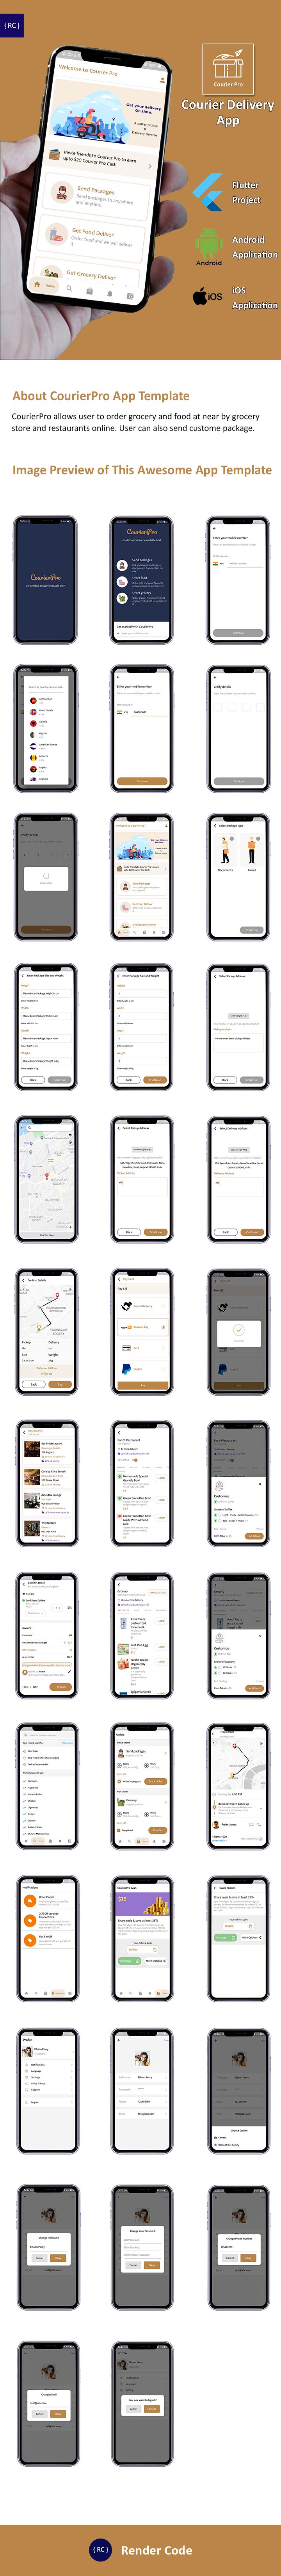 StunningKit - Biggest Flutter App Template Kit (15 App Template) - 4